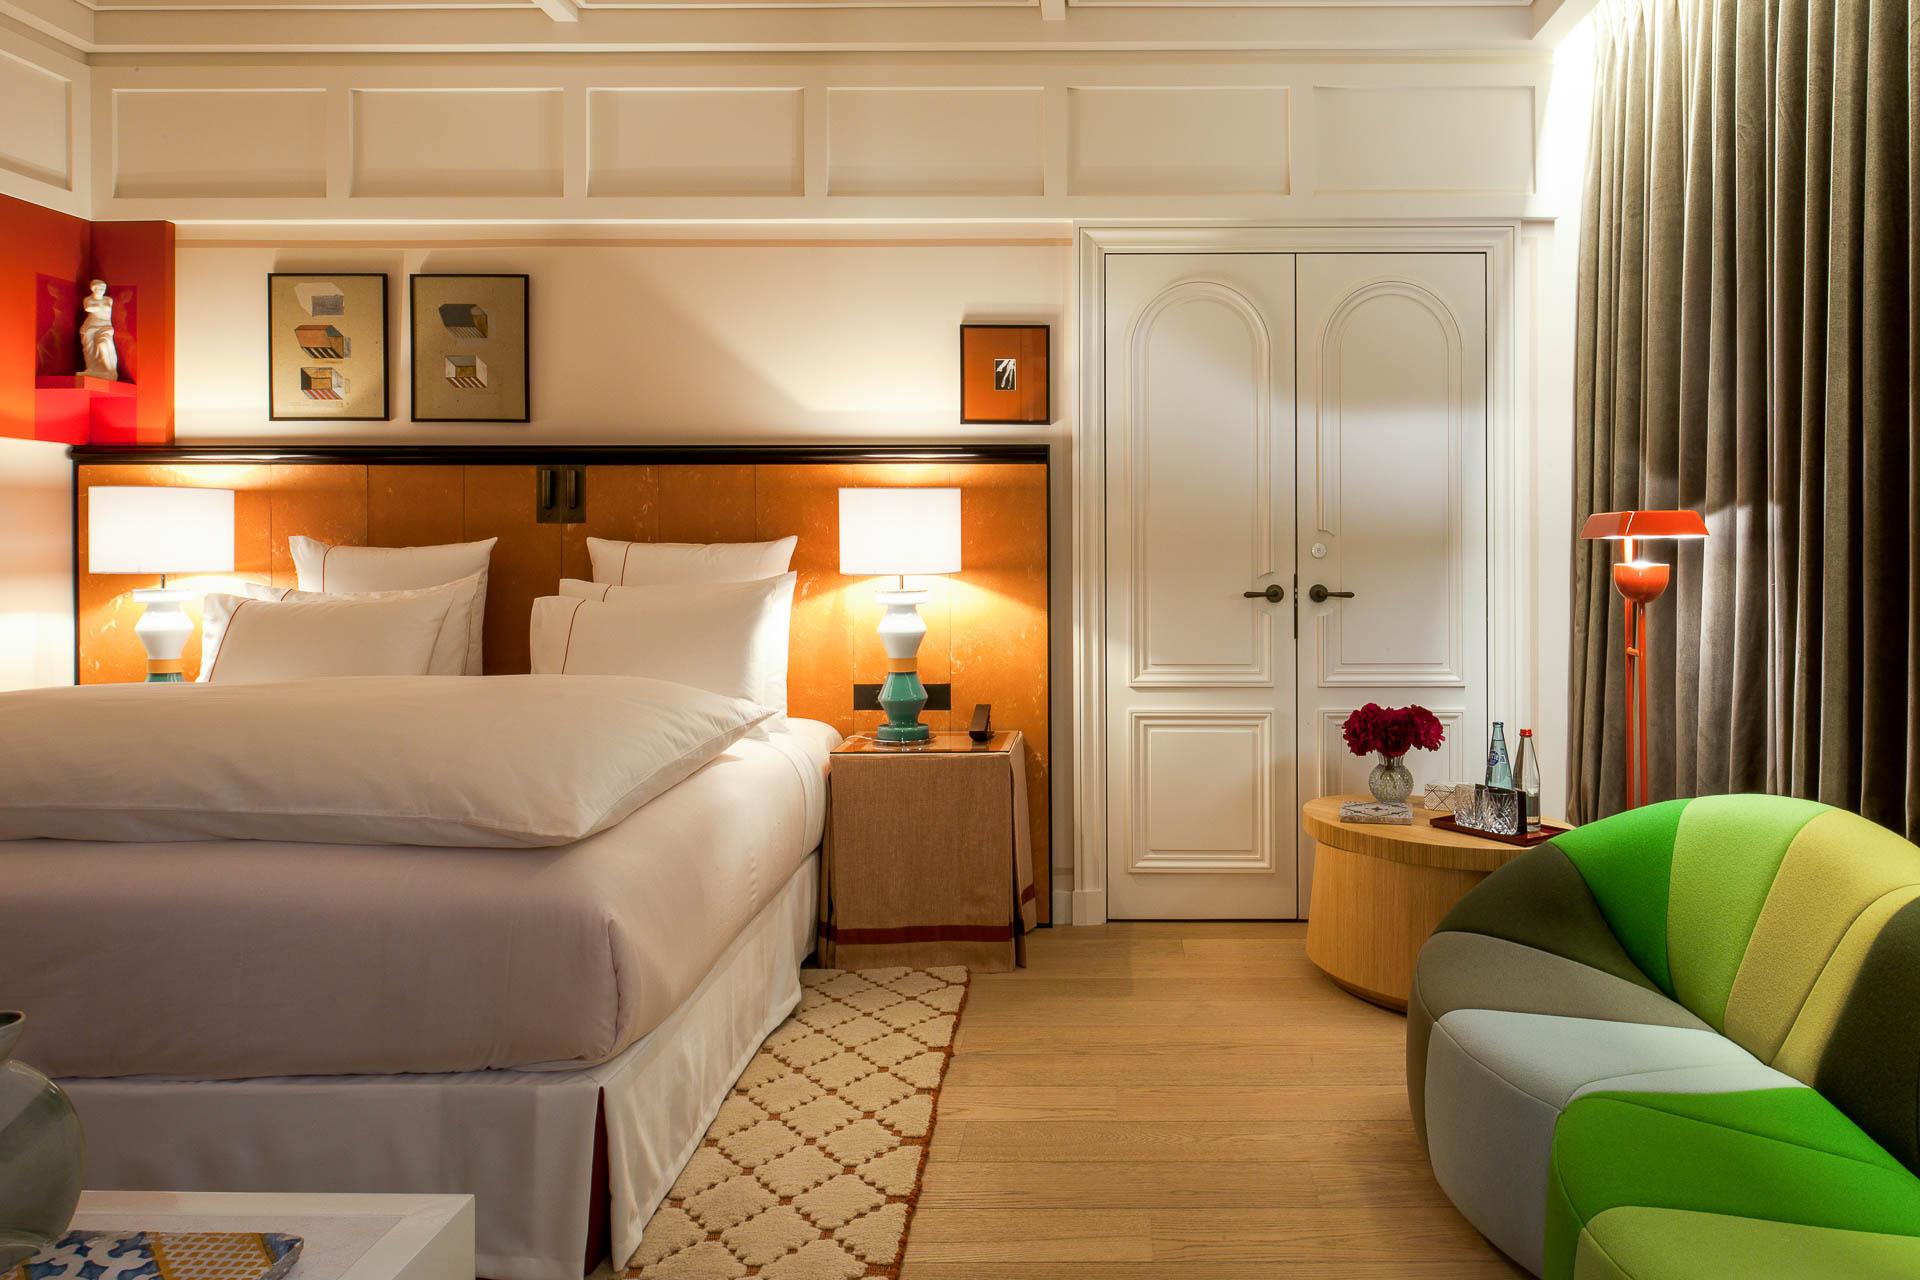 Le décor des 42 chambres reprend les codes esthétiques de l'hôtel, sans oublier quelques surprises...